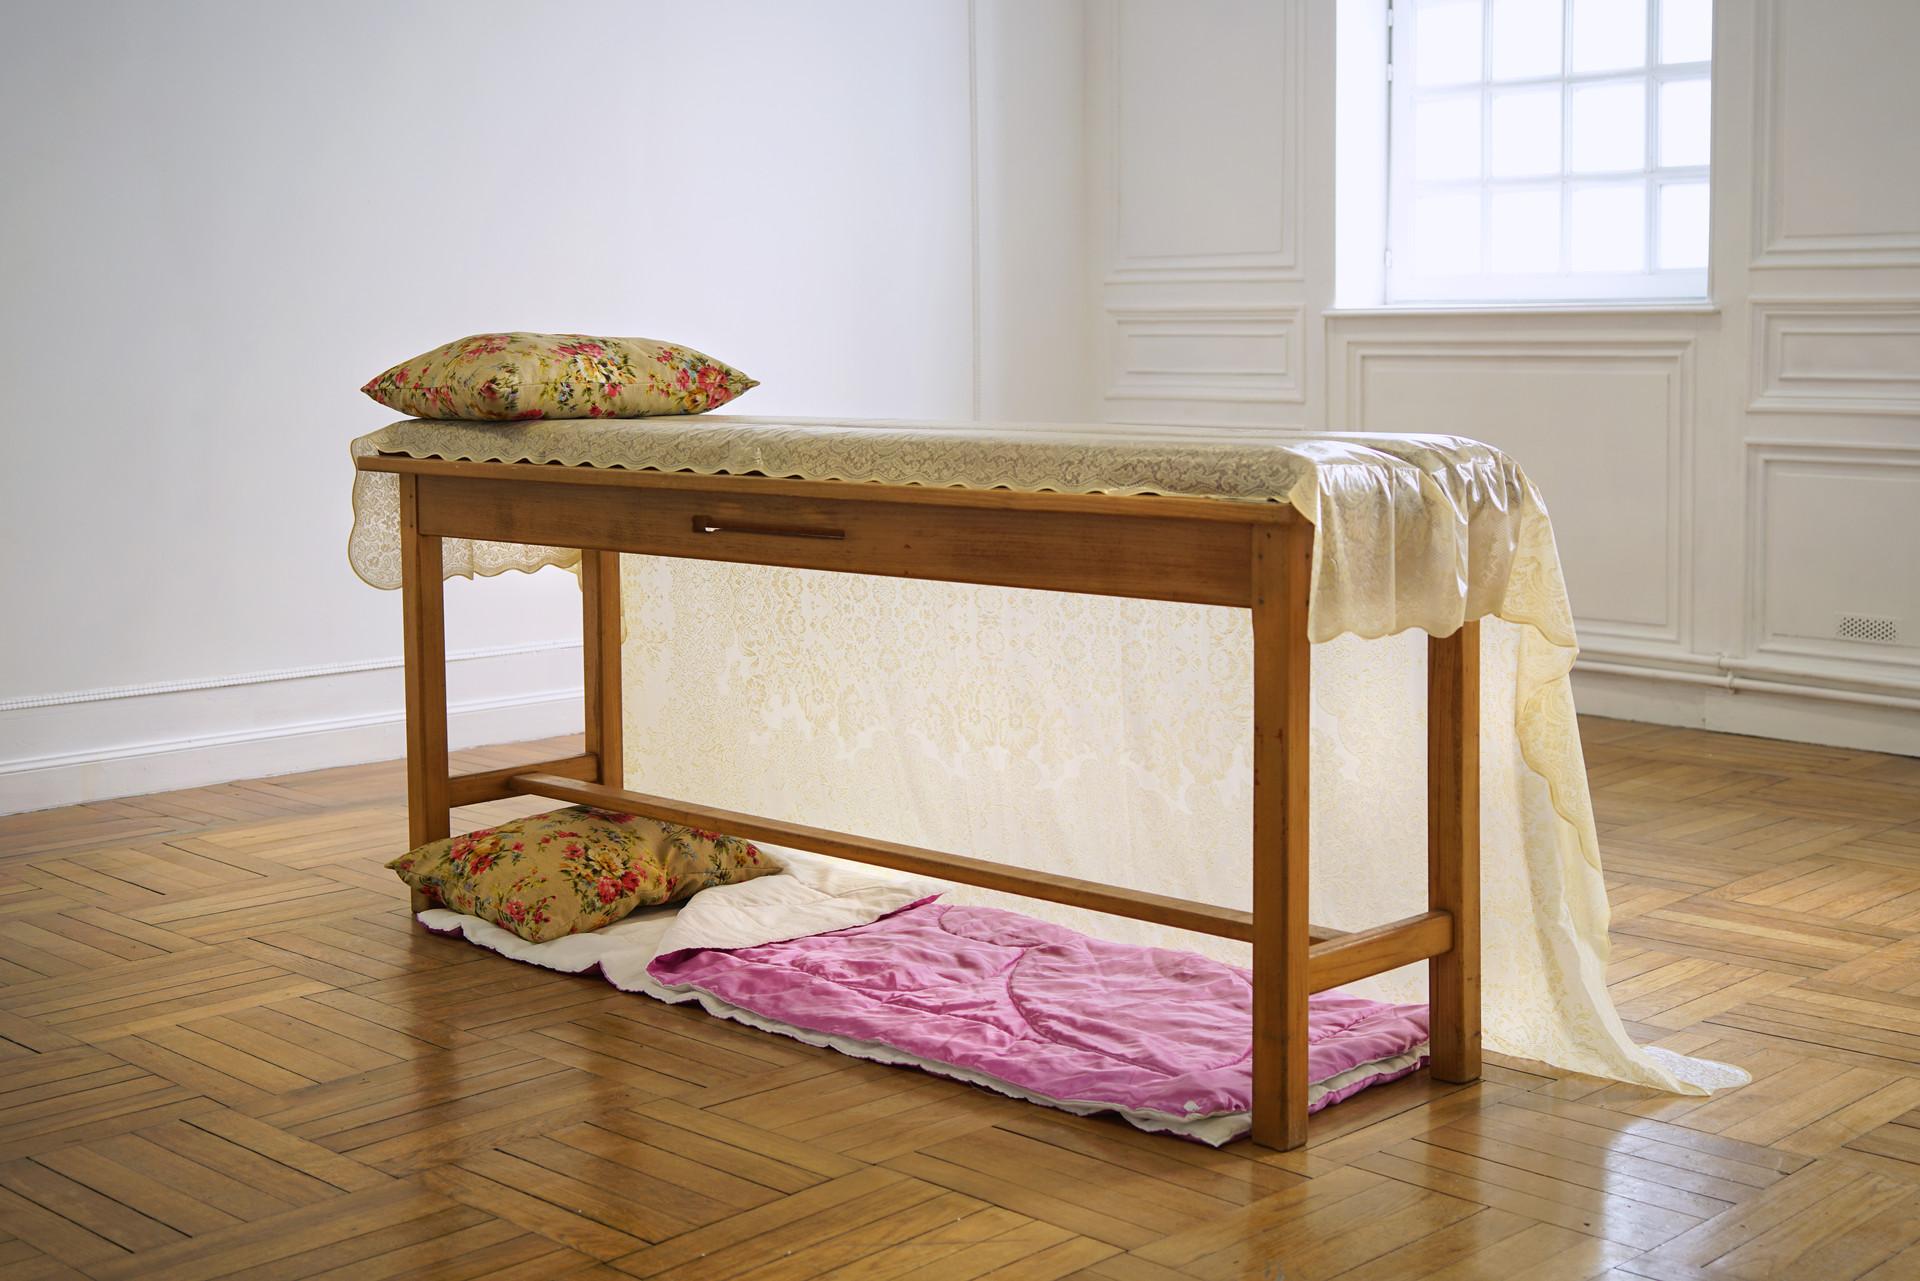 Glamping / lit massage, nappe en dentelle toile cirée, coussins, duvet / à L'Académie, à Maromme, septembre 2019. © Marc Domage